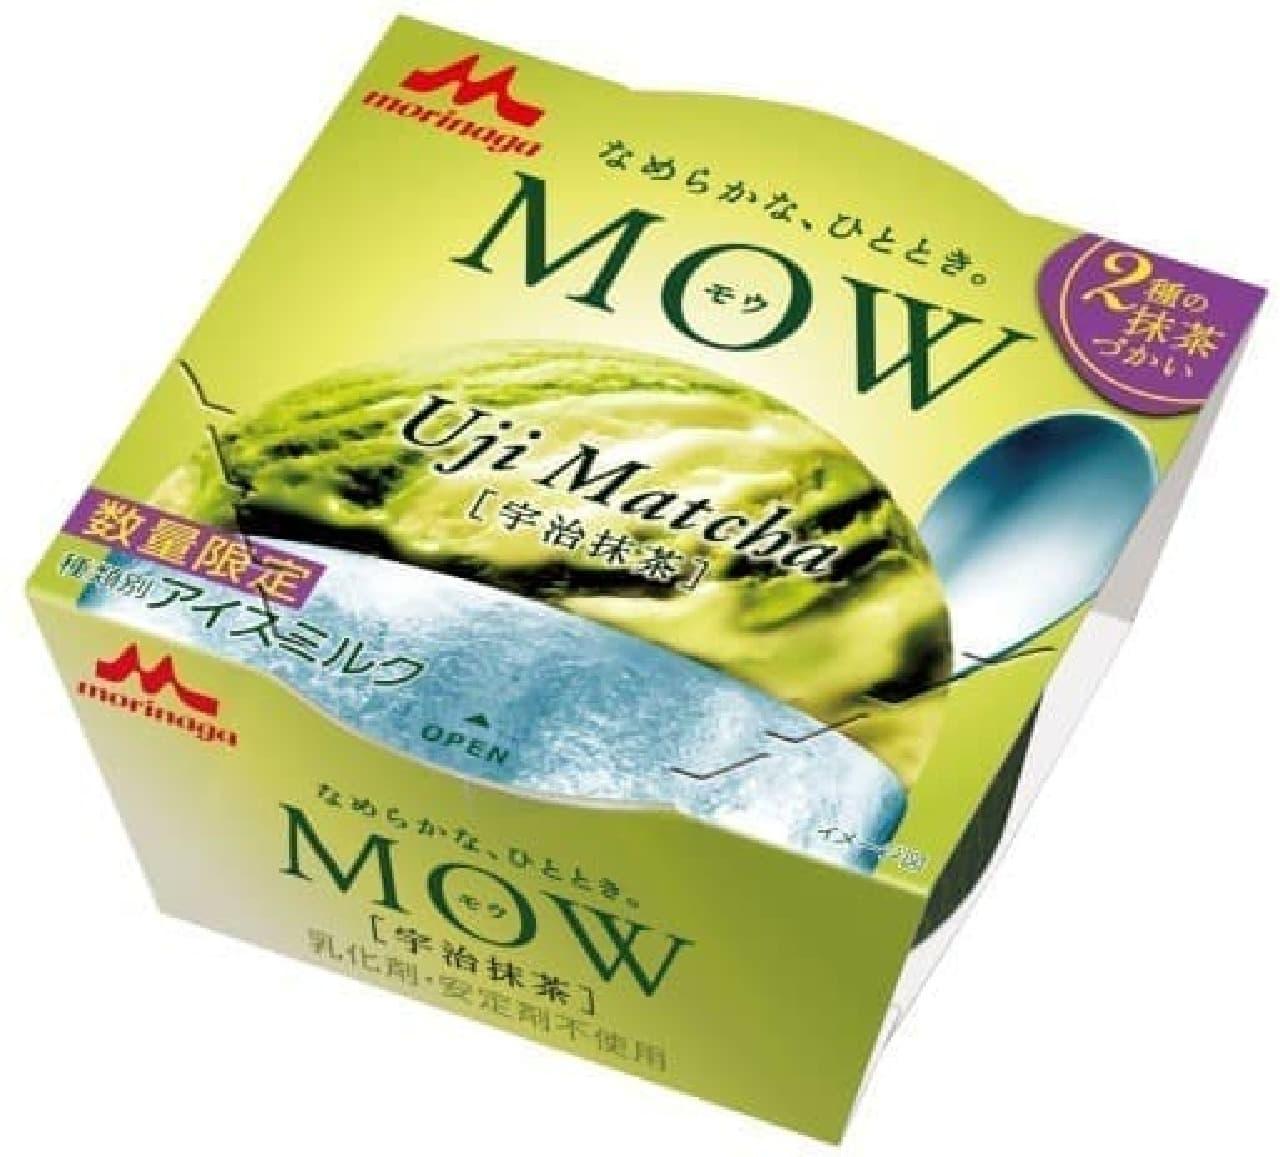 MOW 宇治抹茶 モウアイス